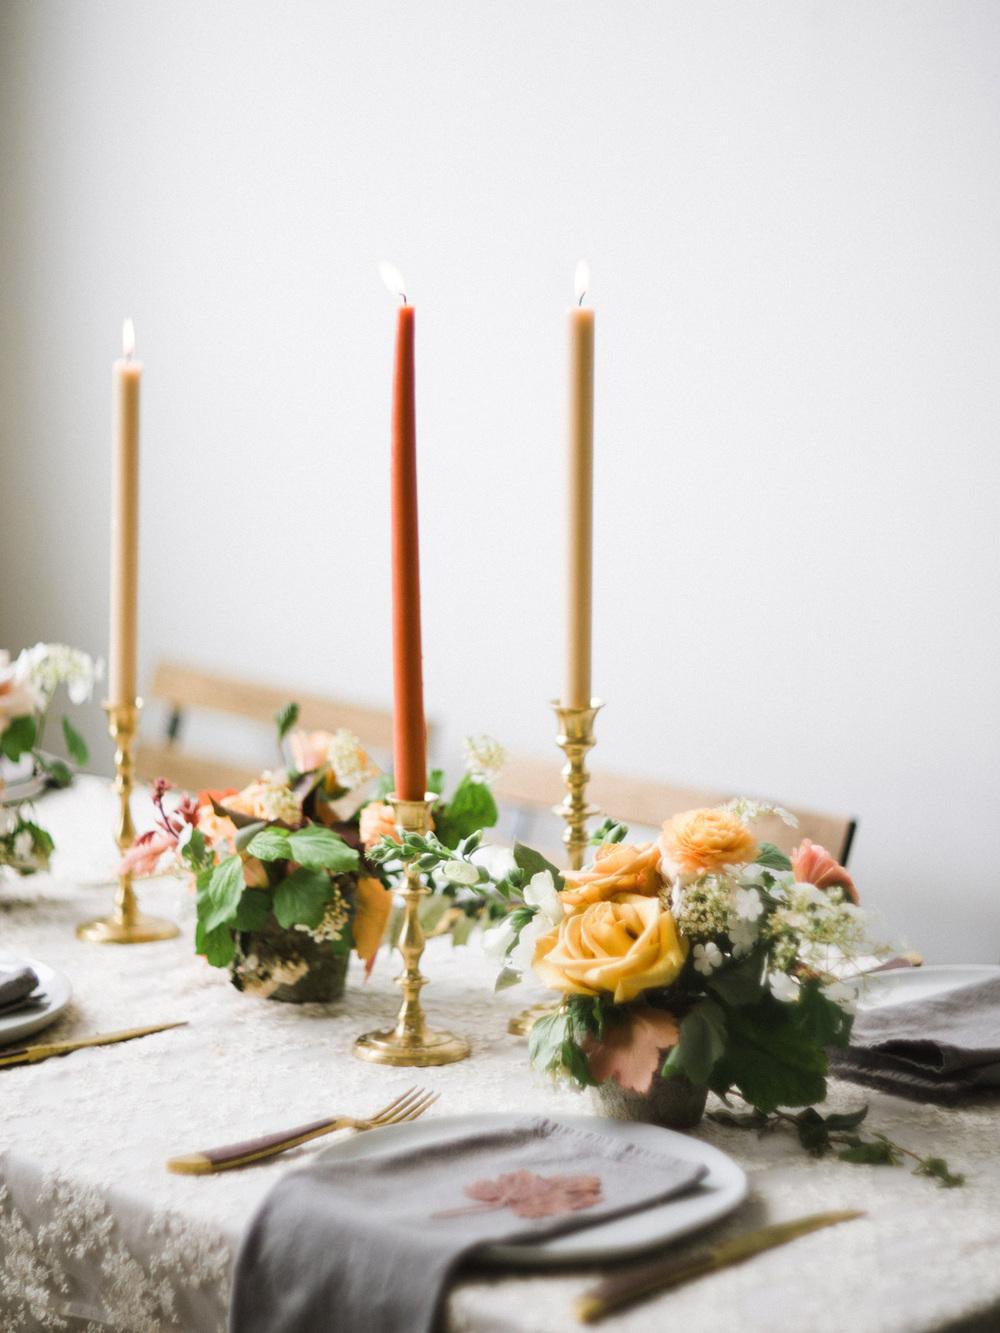 labeillefleuriste-mariage-16.jpg